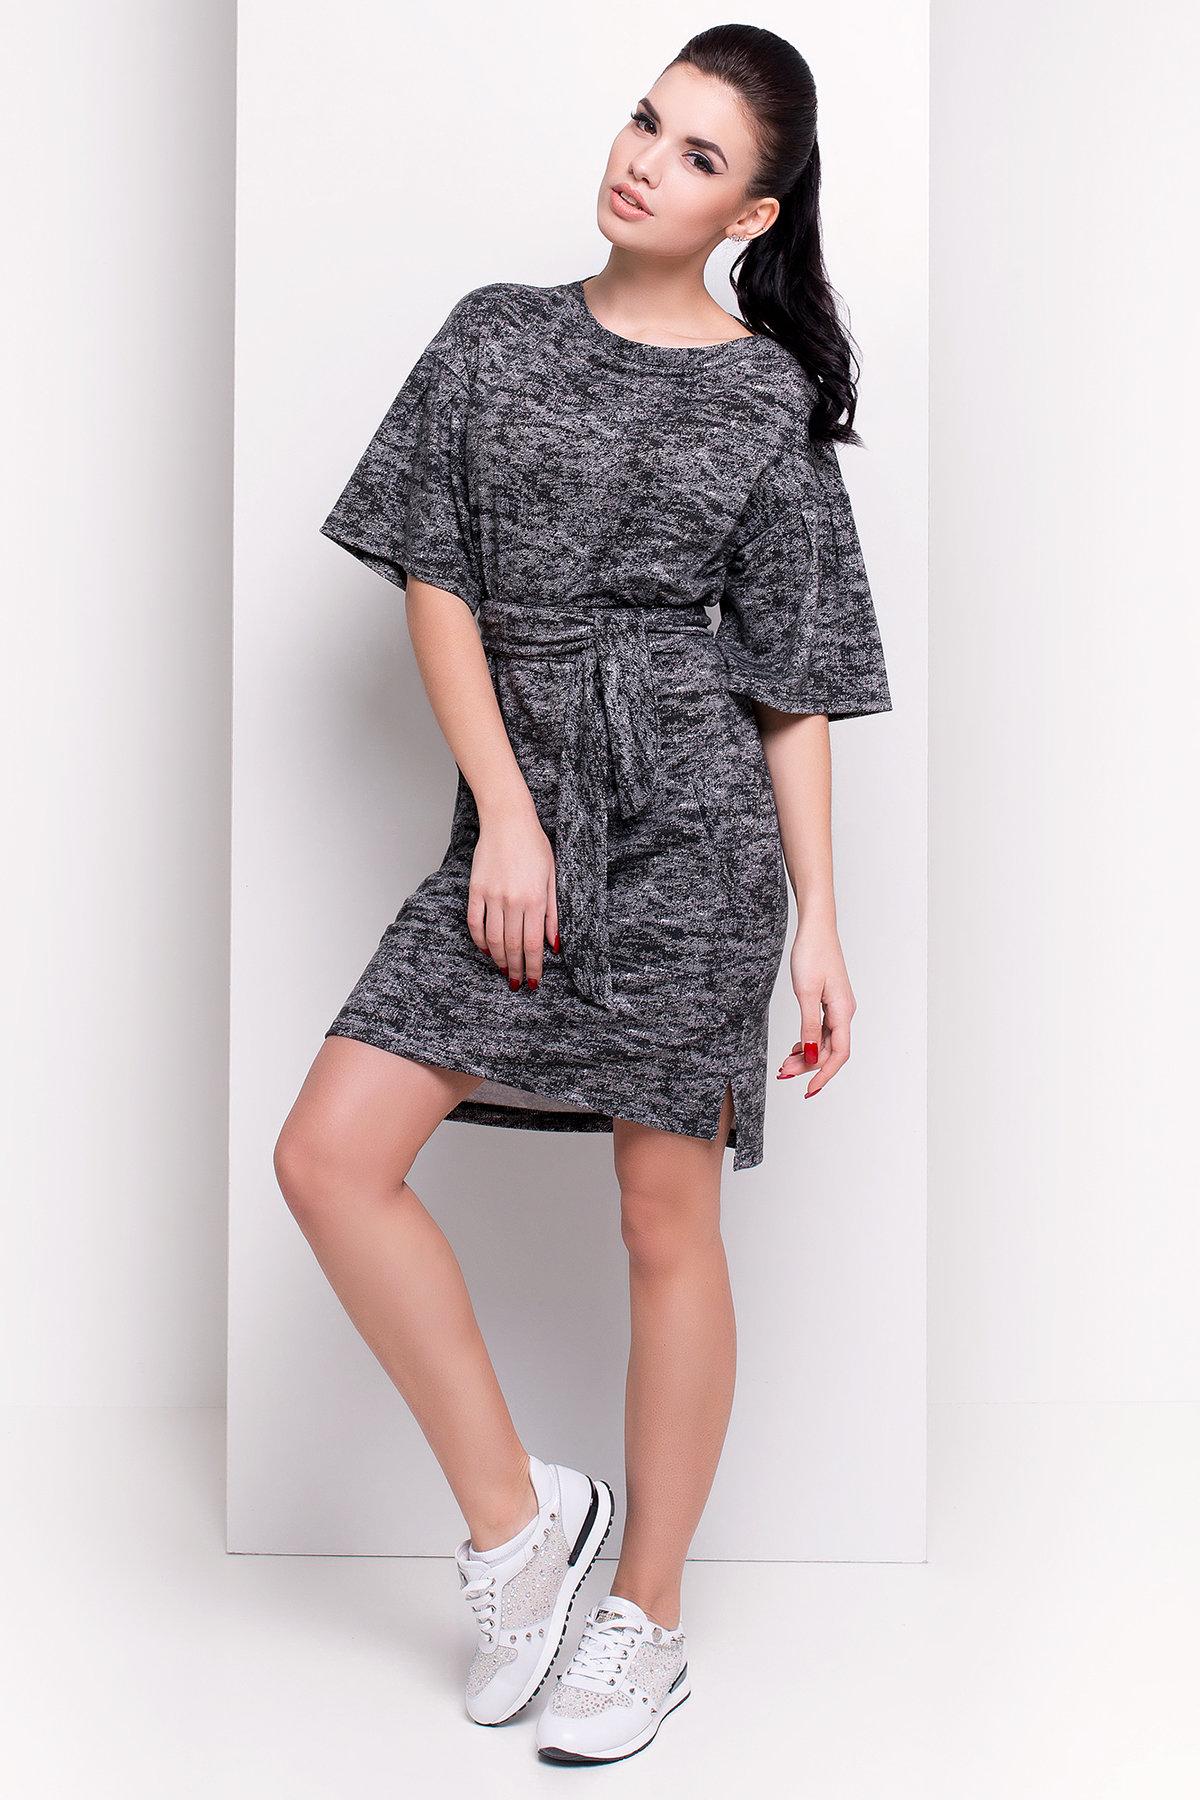 Женская одежда от производителя Modus Платье Комо 2103